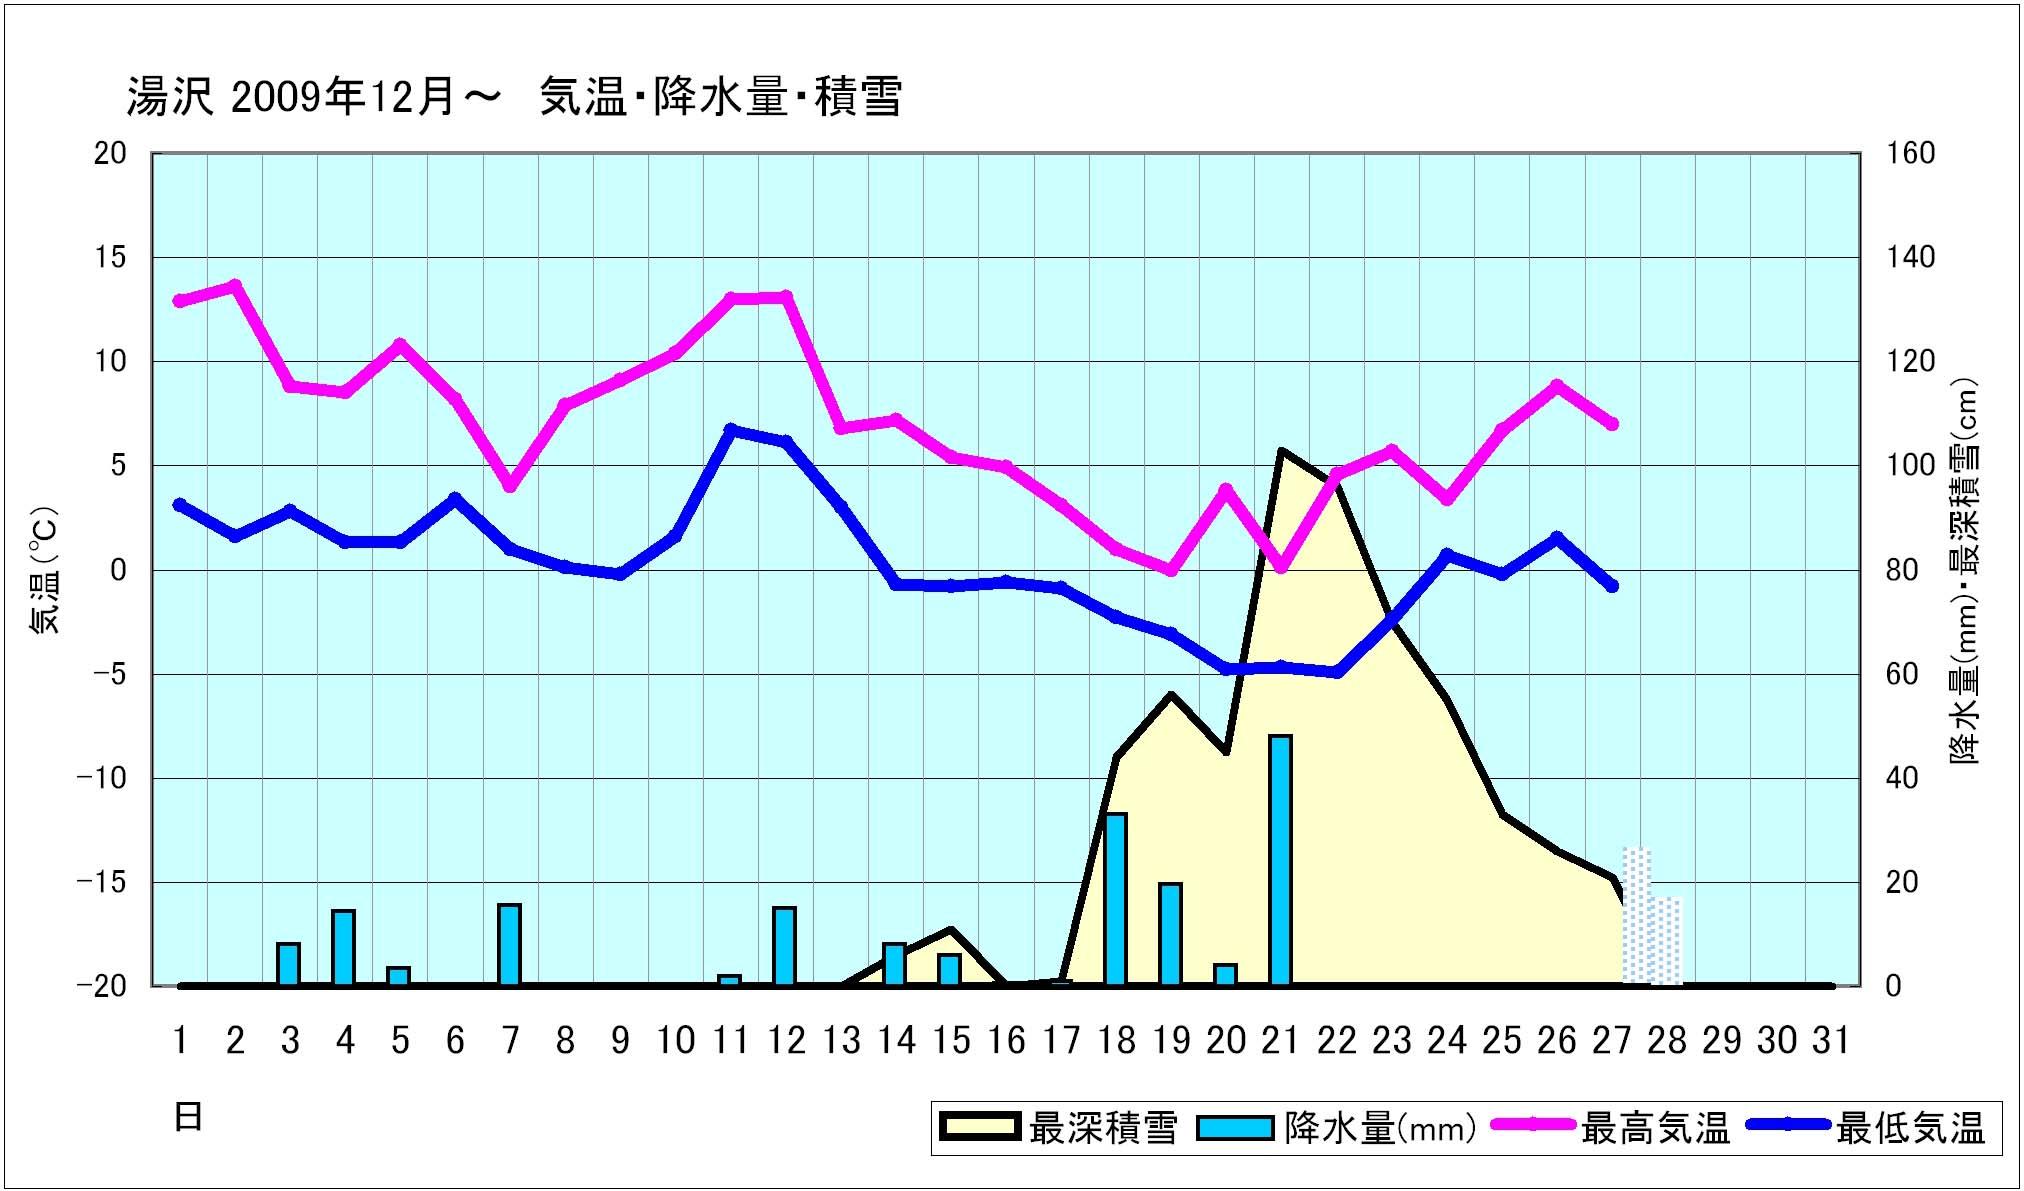 2009年12月 湯沢の気温と雪の状態